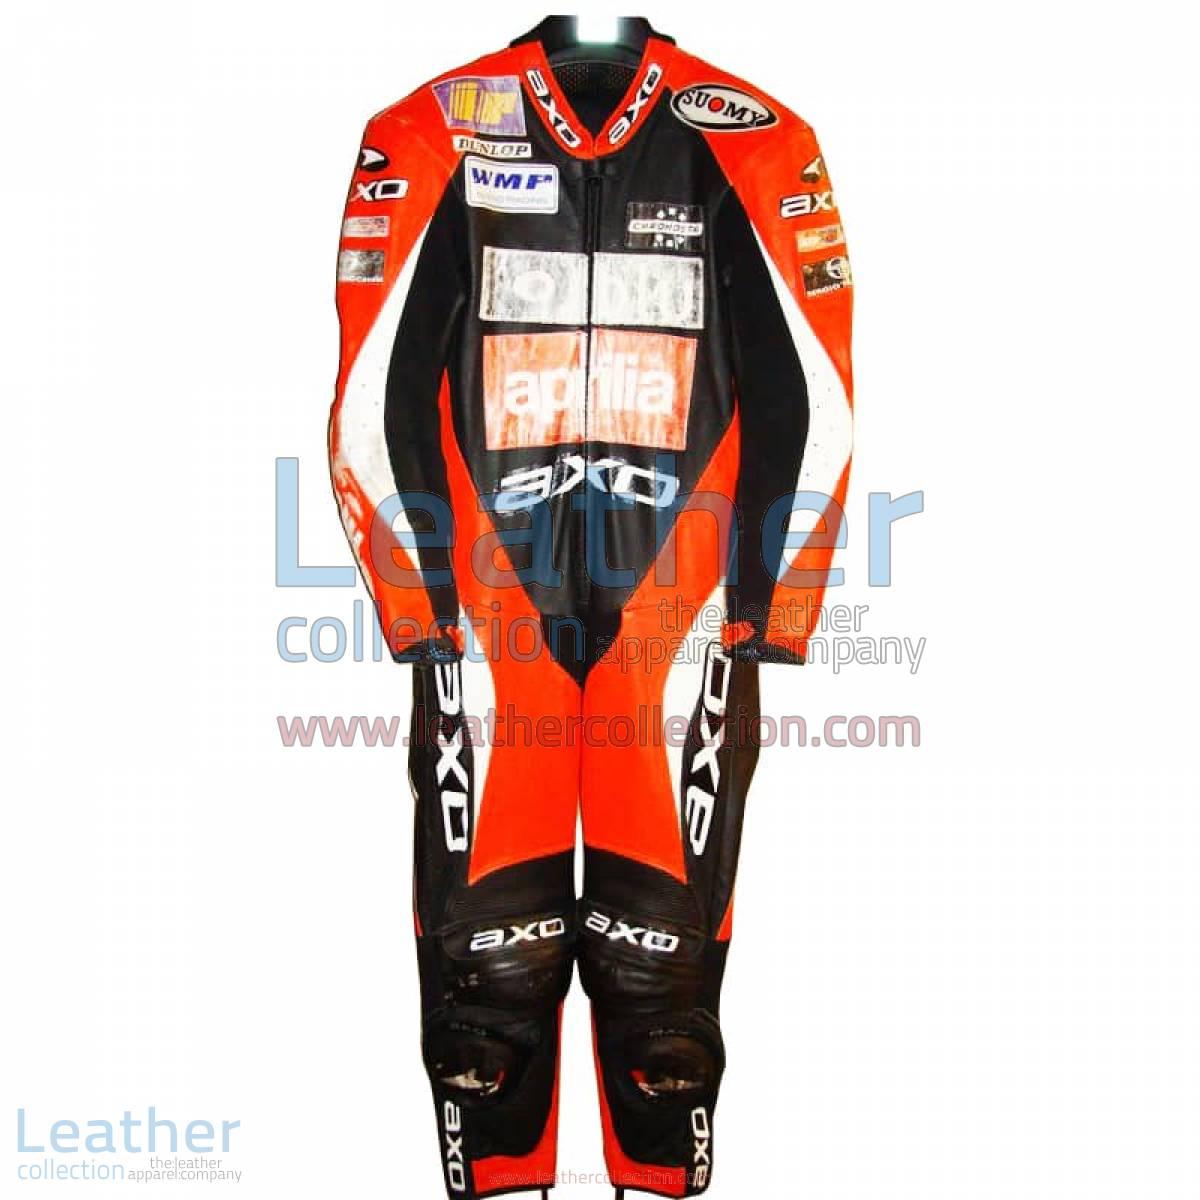 Troy Corser Aprilia WSBK 2000 Racing Leathers | aprilia